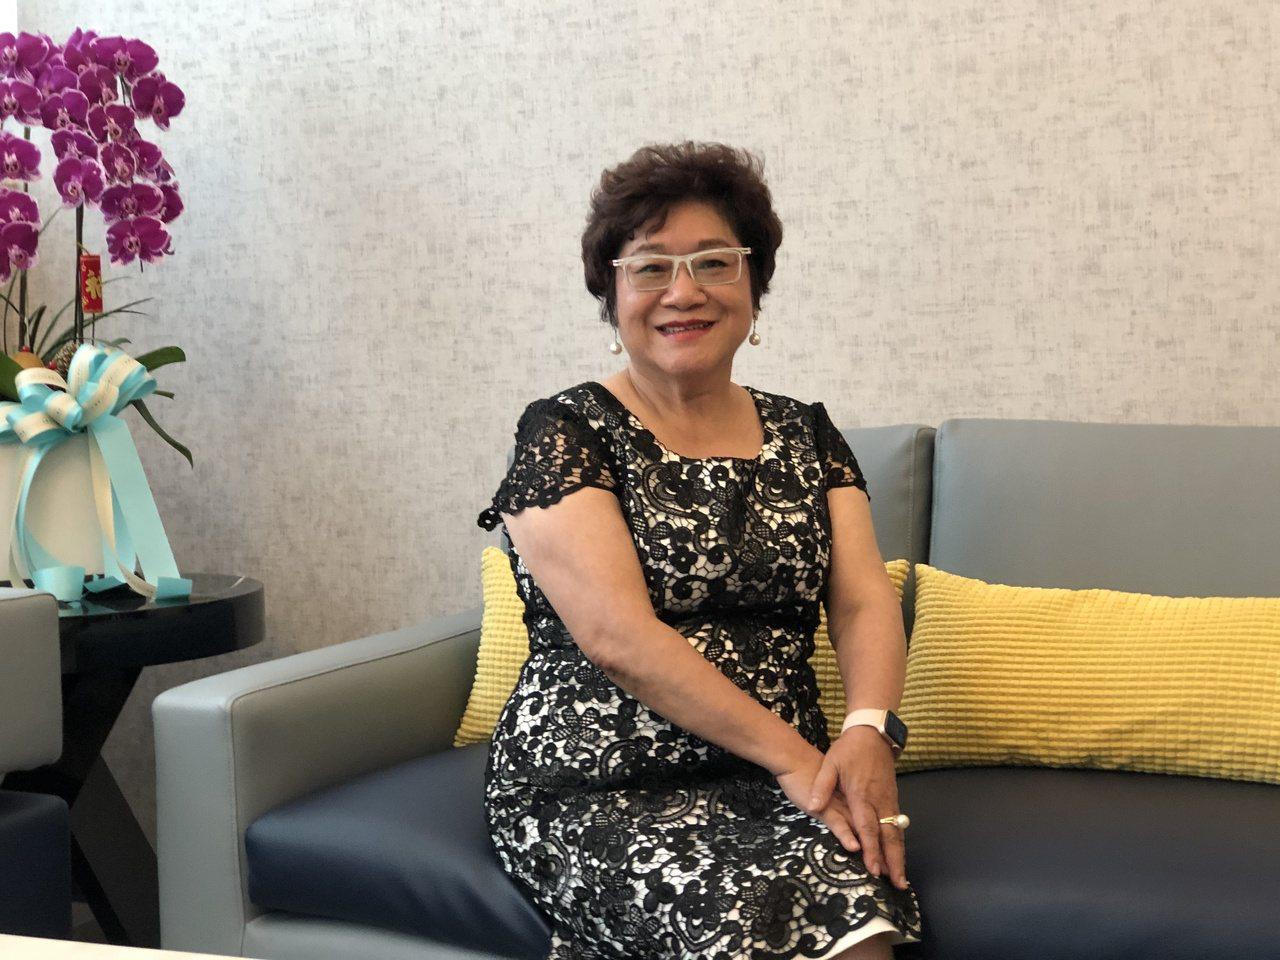 紀玉蓮說,當年求職、經營事業一路受許多貴人相助,她也樂意助人,希望形成善的循環。...